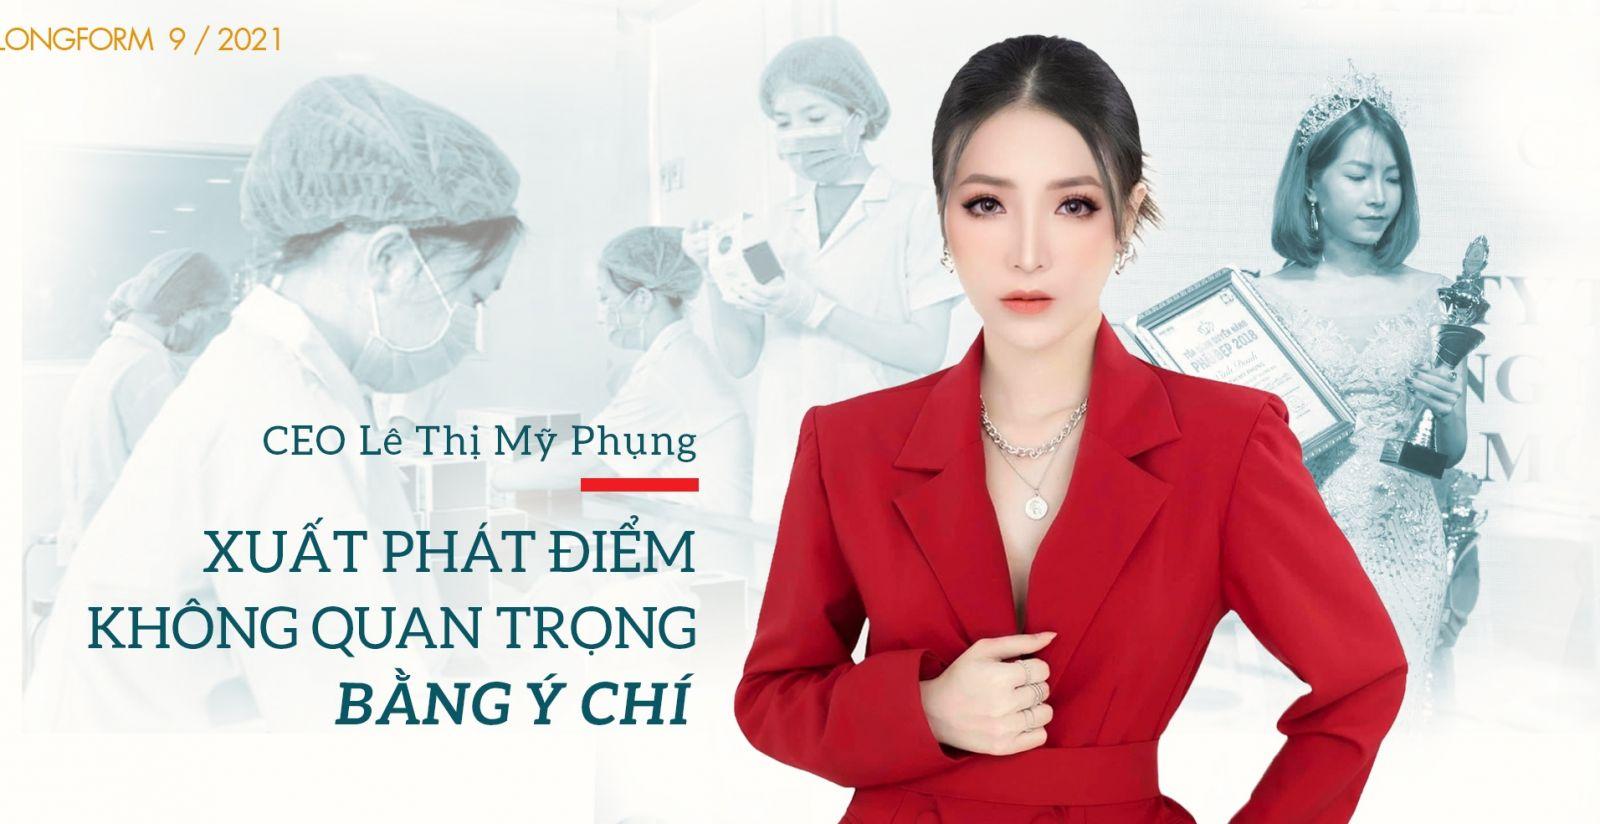 CEO Lê Thị Mỹ Phụng - Xuất phát điểm không quan trọng bằng ý chí